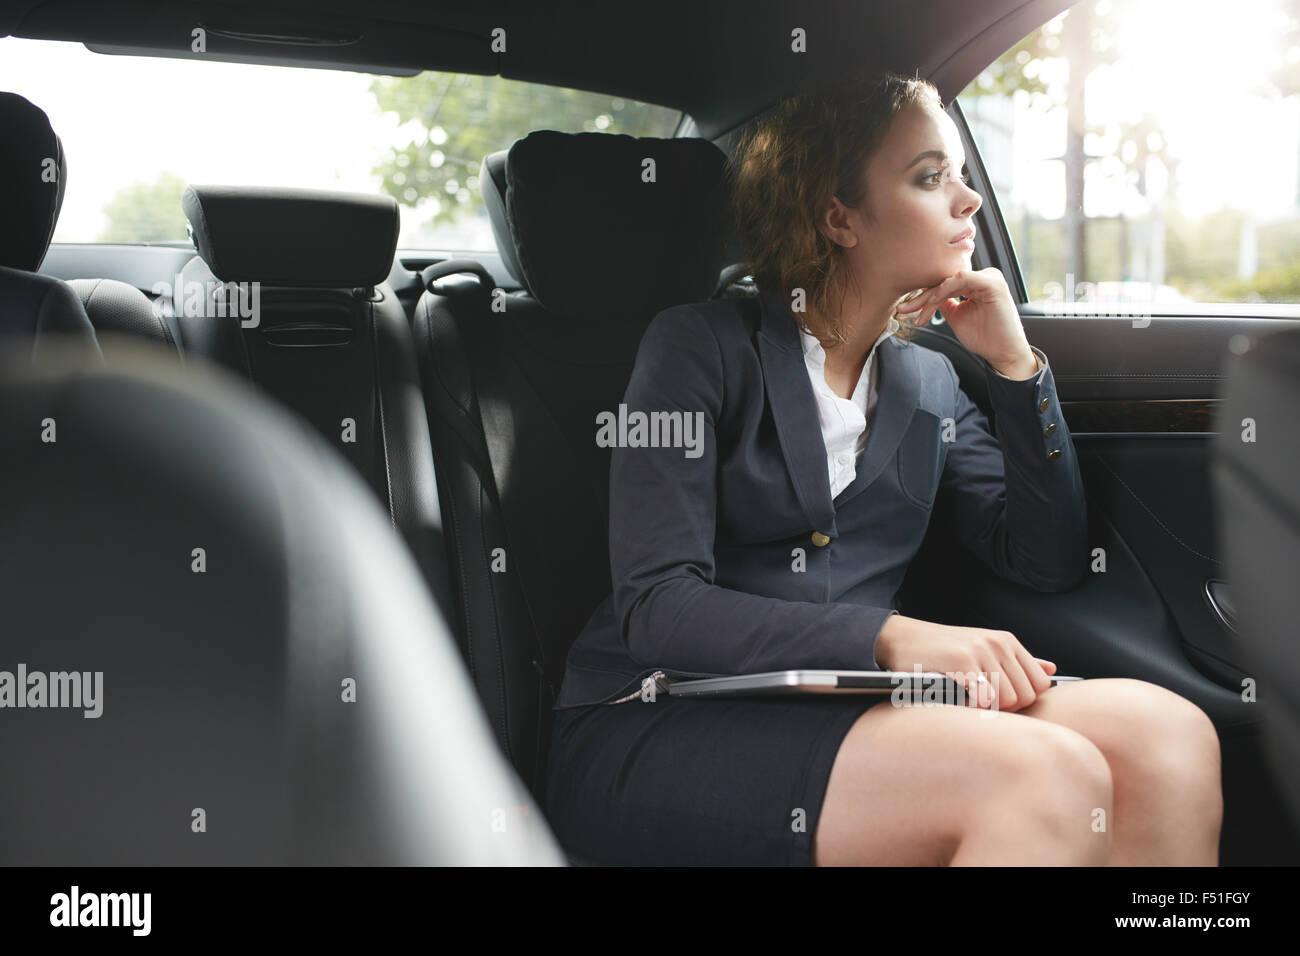 Joven Empresaria viajar al trabajo en el coche de lujo en el asiento de atrás mirando fuera de la ventana. Imagen De Stock